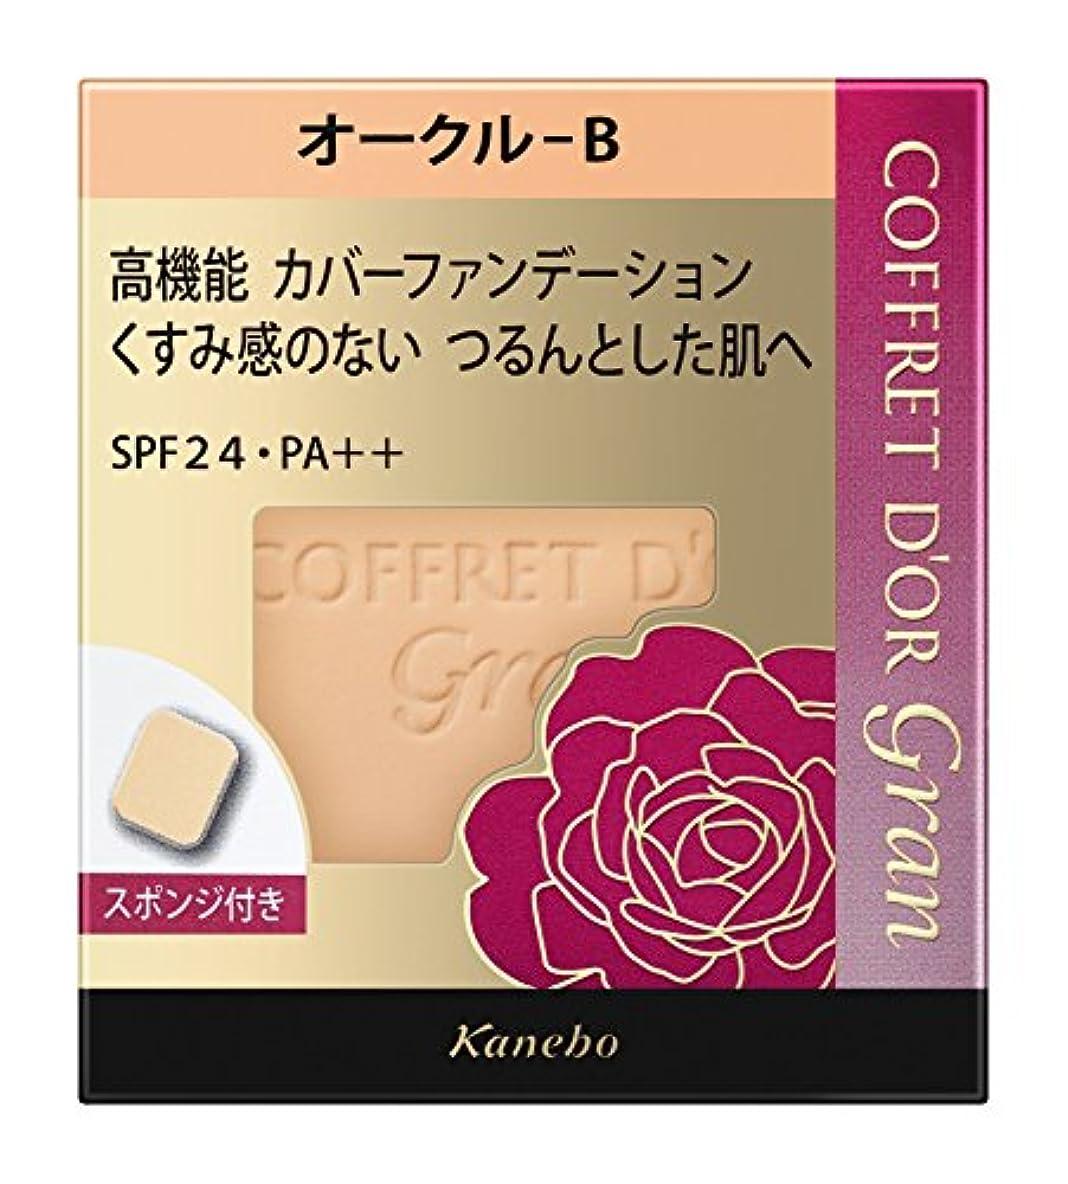 習字キウイチャネルコフレドール グラン ファンデーション カバーフィットパクトUV2 オークルB SPF24/PA++ 10.5g